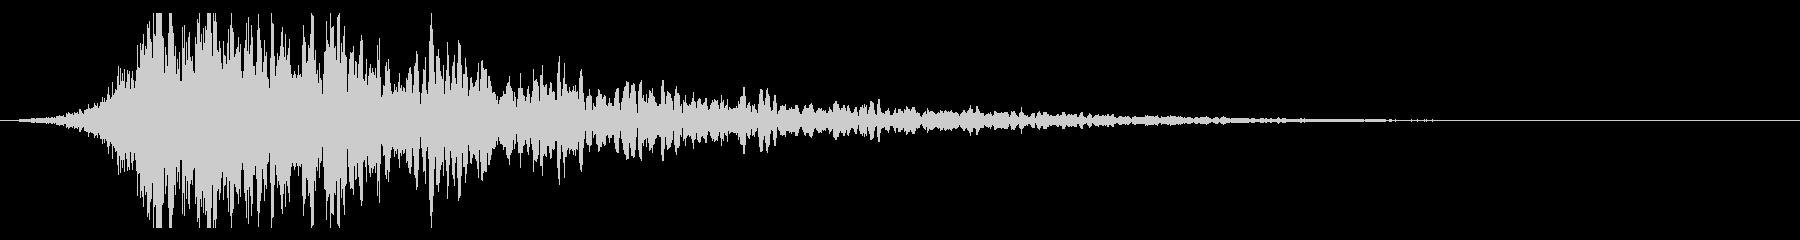 シュードーン-64-1(インパクト音)の未再生の波形